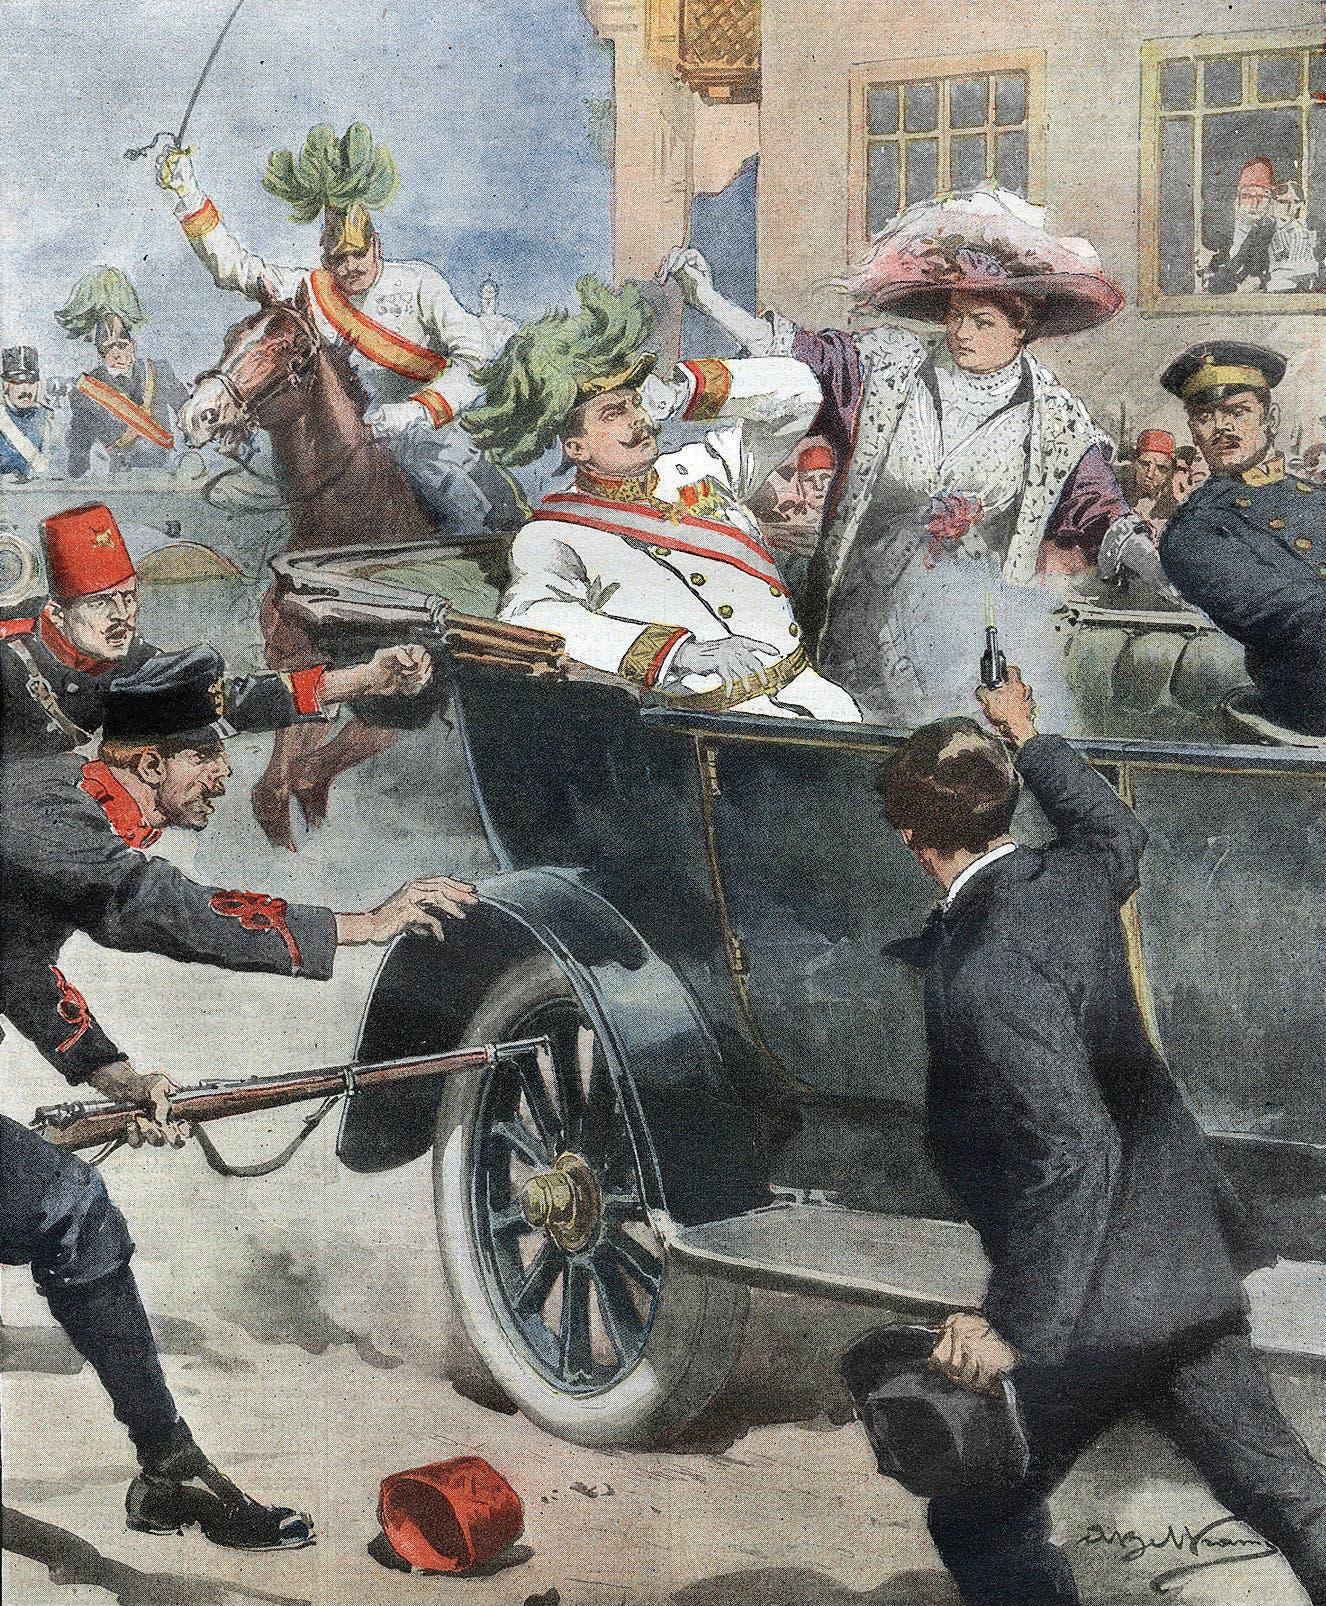 لوحة تجسد حادثة سراييفو والتي اغتيل خلالها ولي عهد النمسا فرانز فرديناند